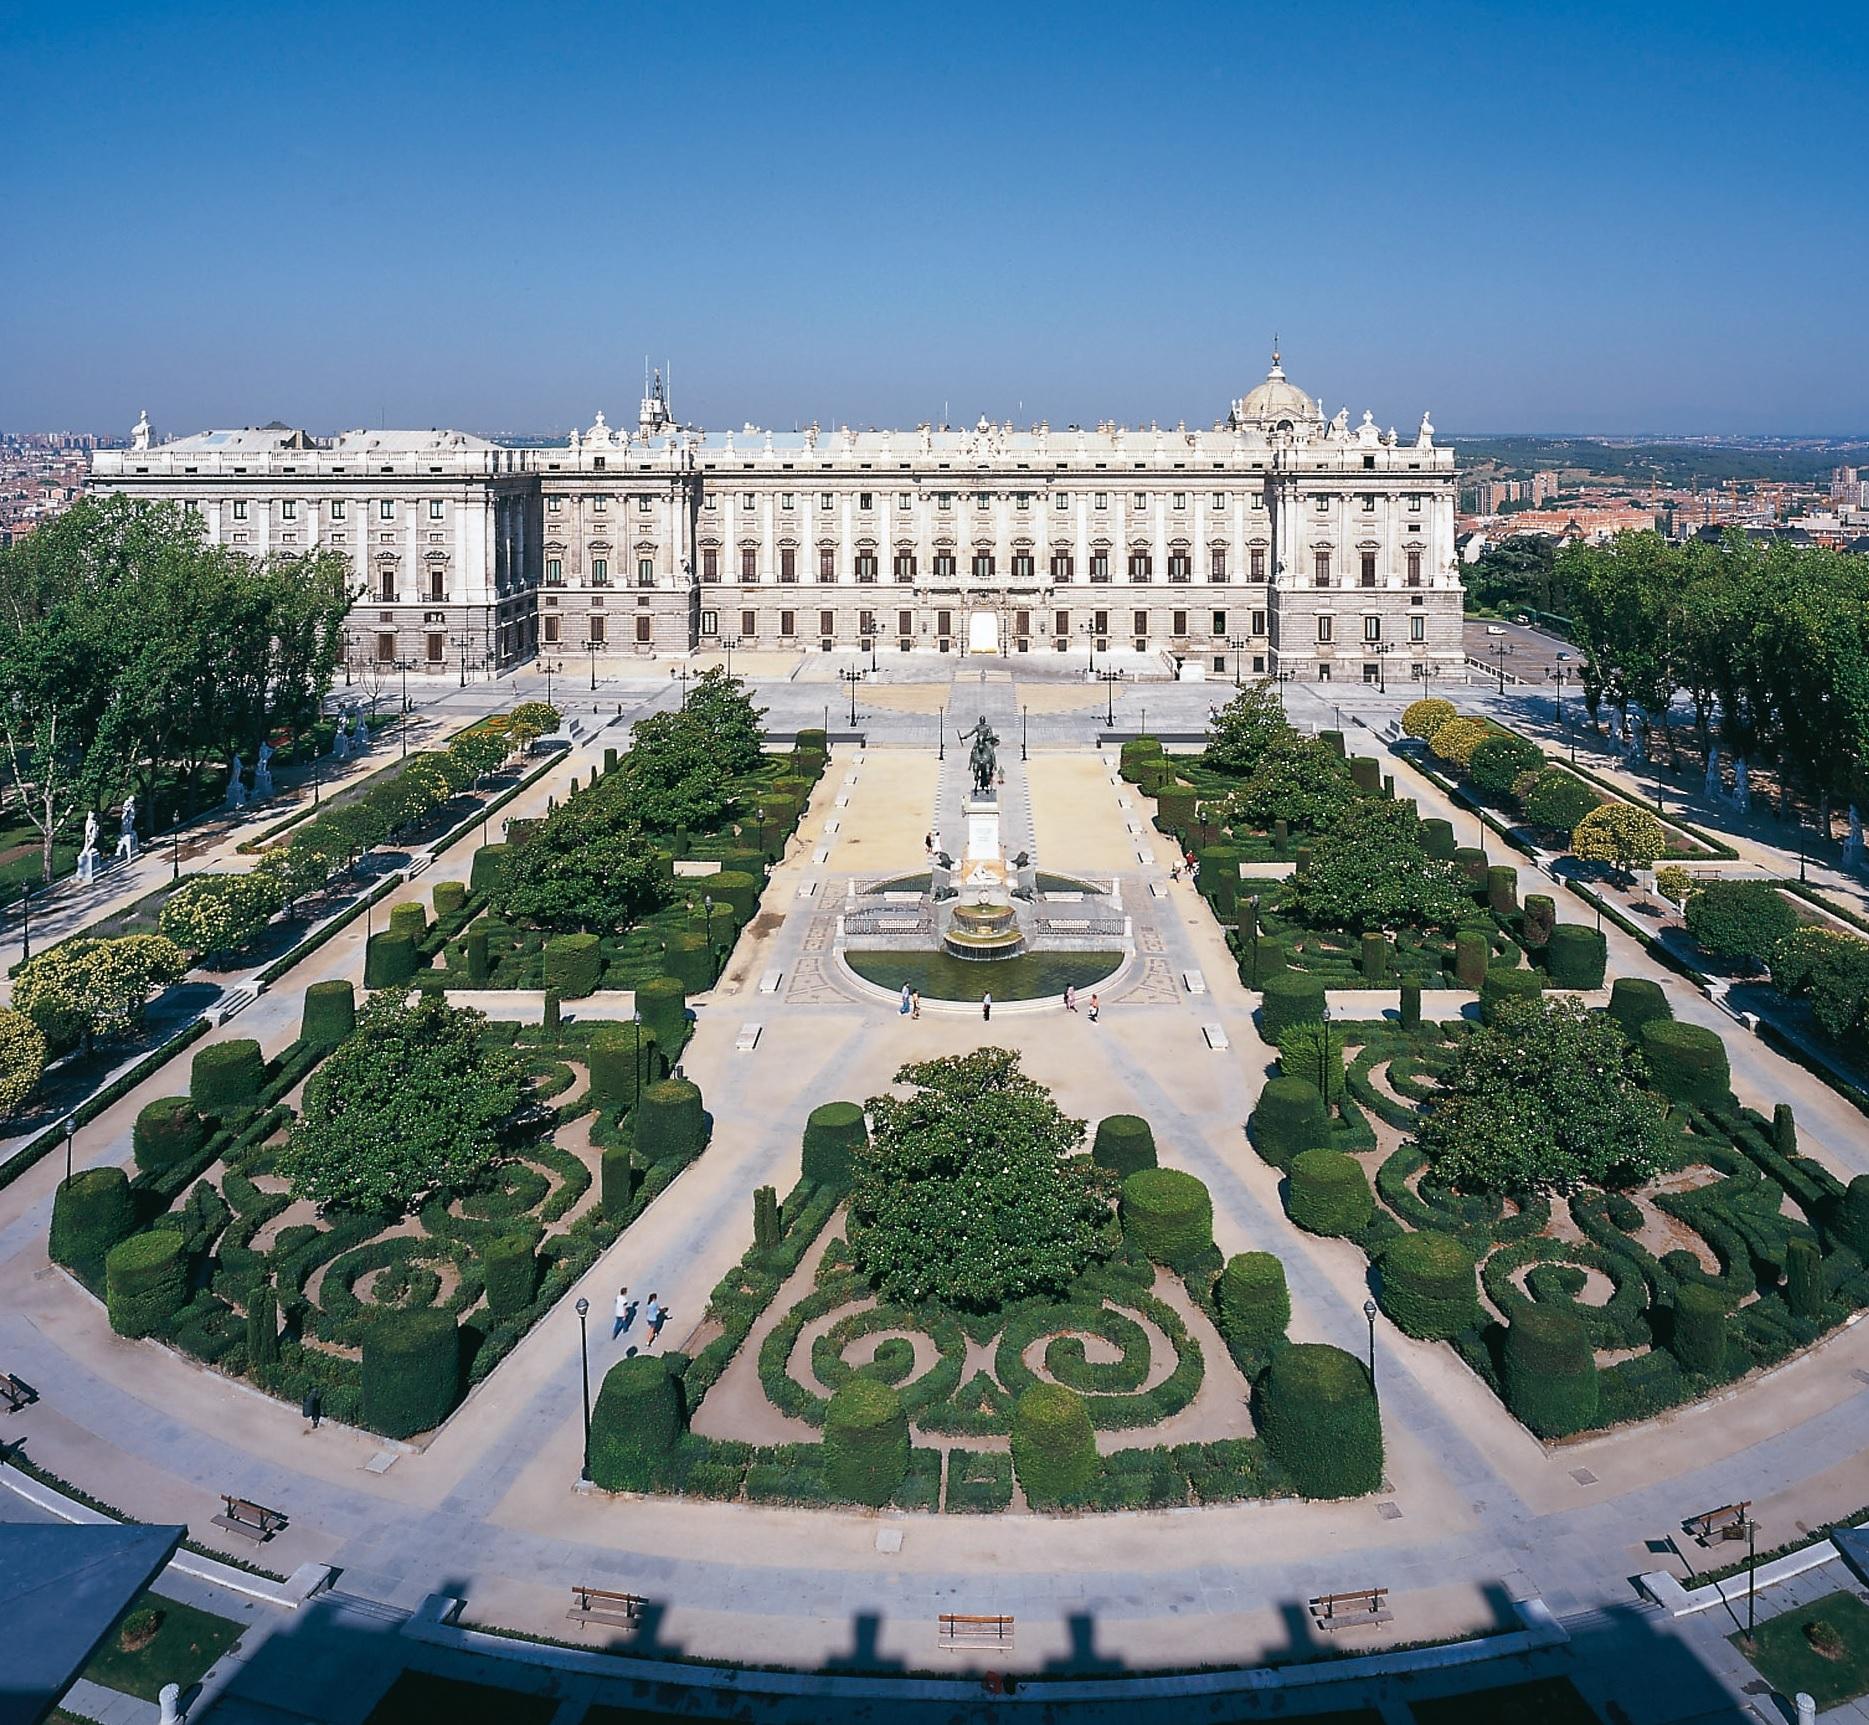 Plaza Oriente, gazdă a numeroase statui ale Reginelor Spaniei